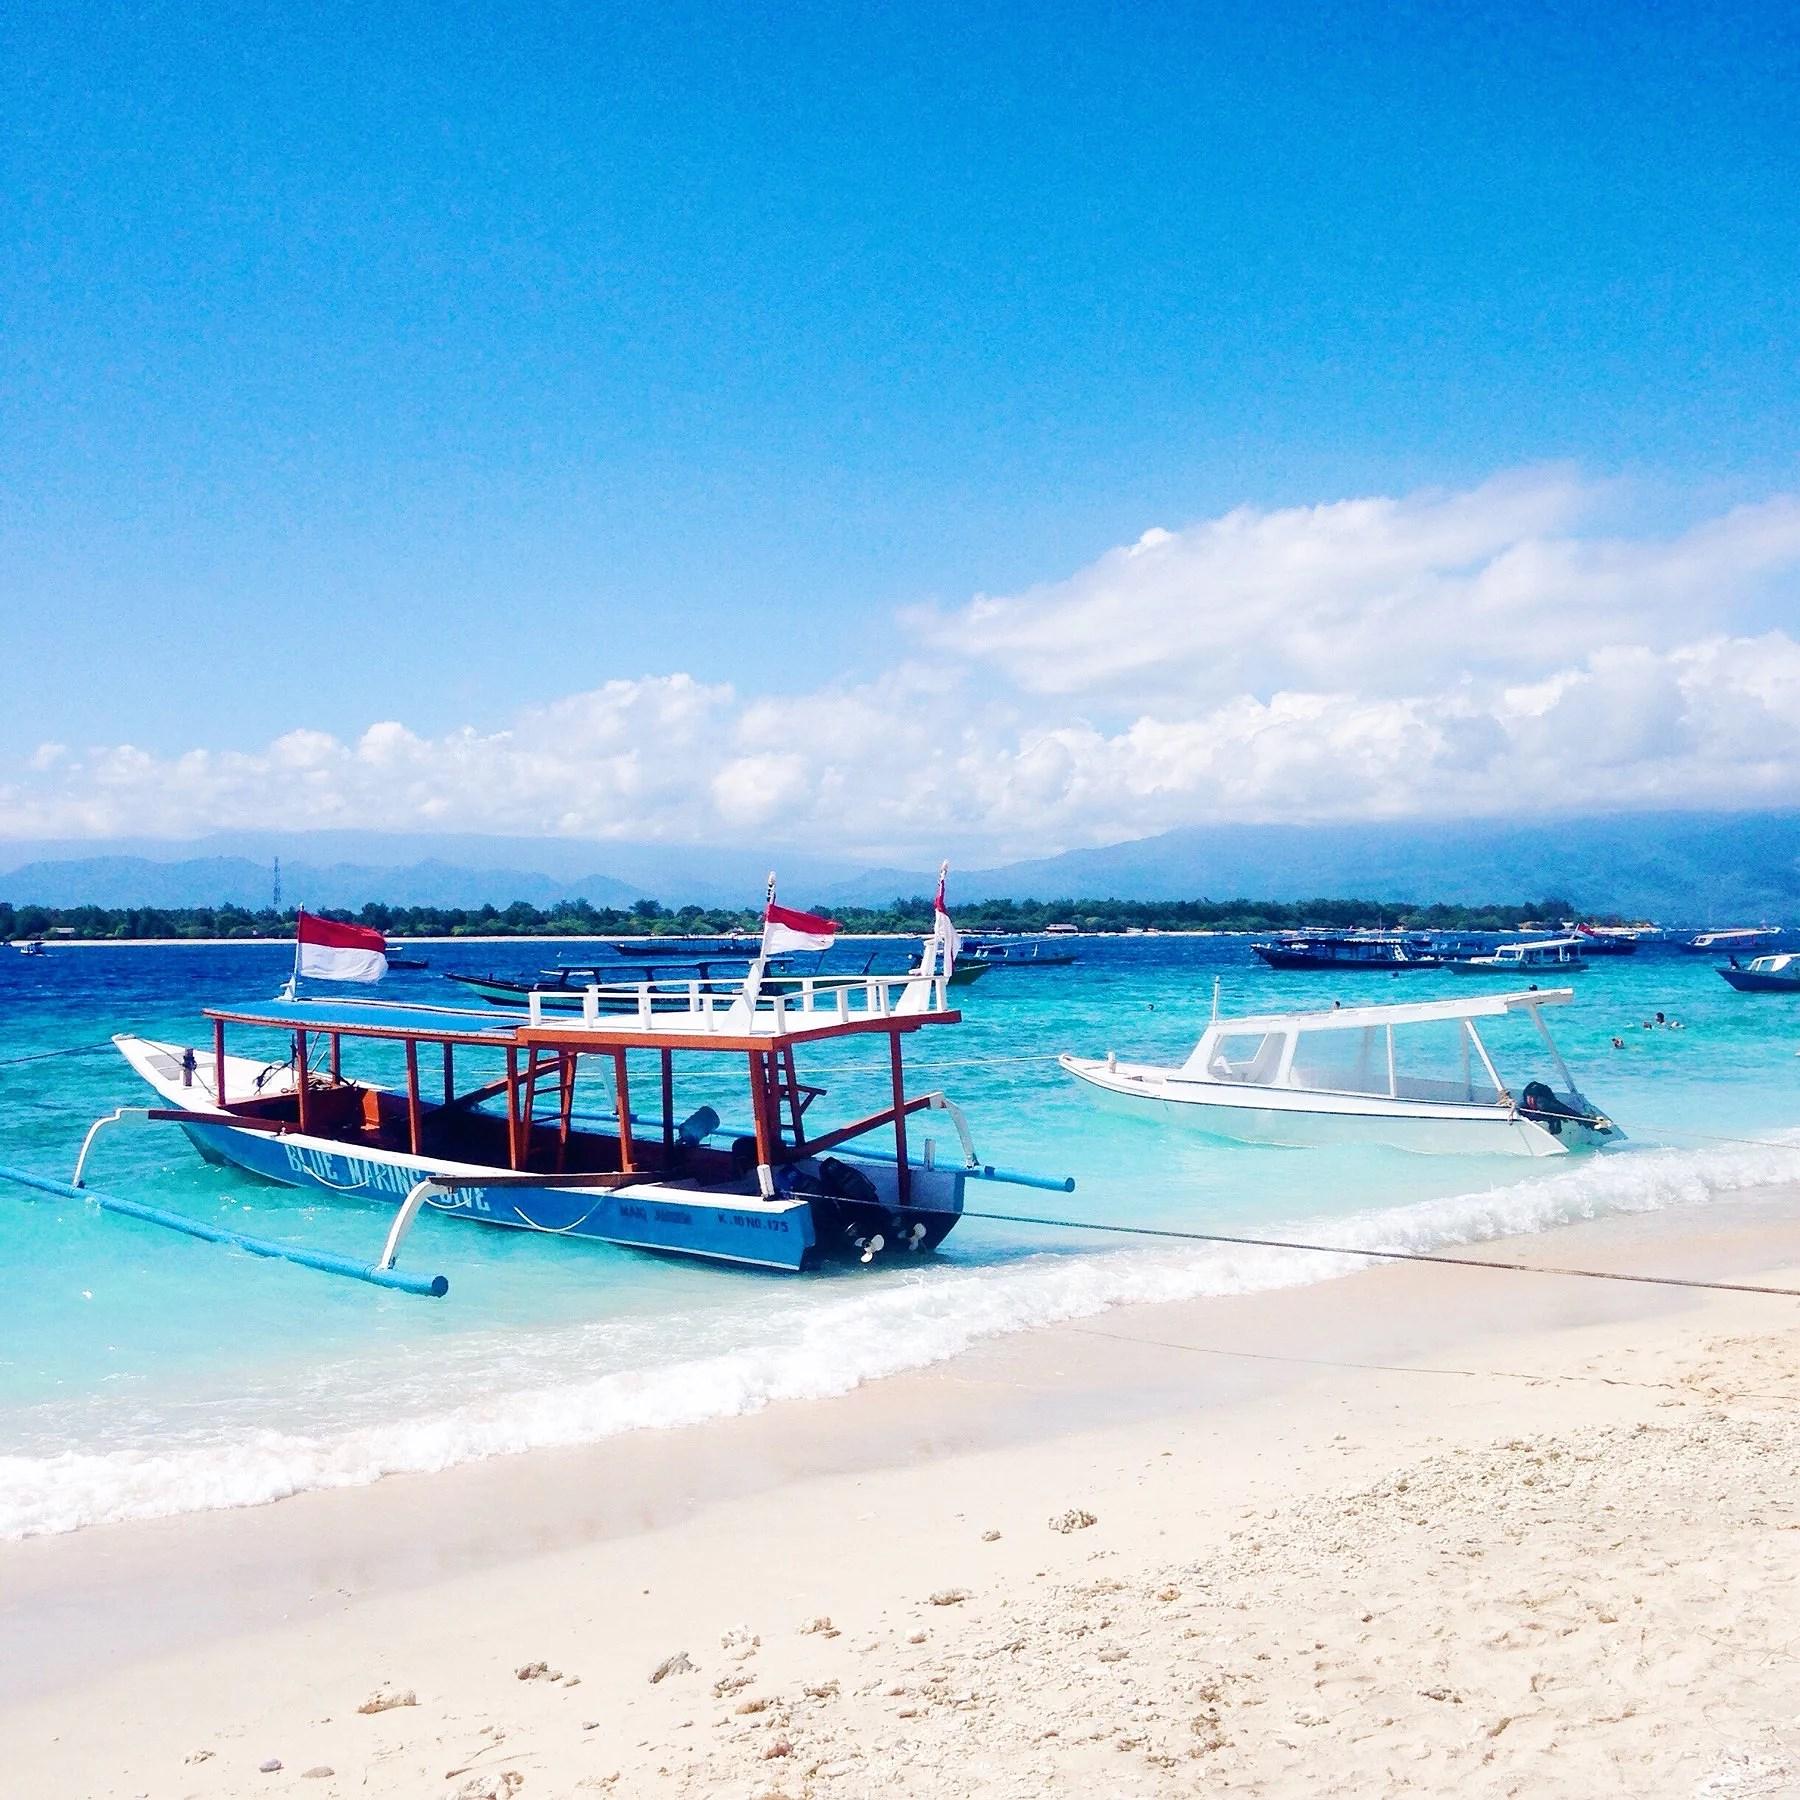 Throwback to Bali